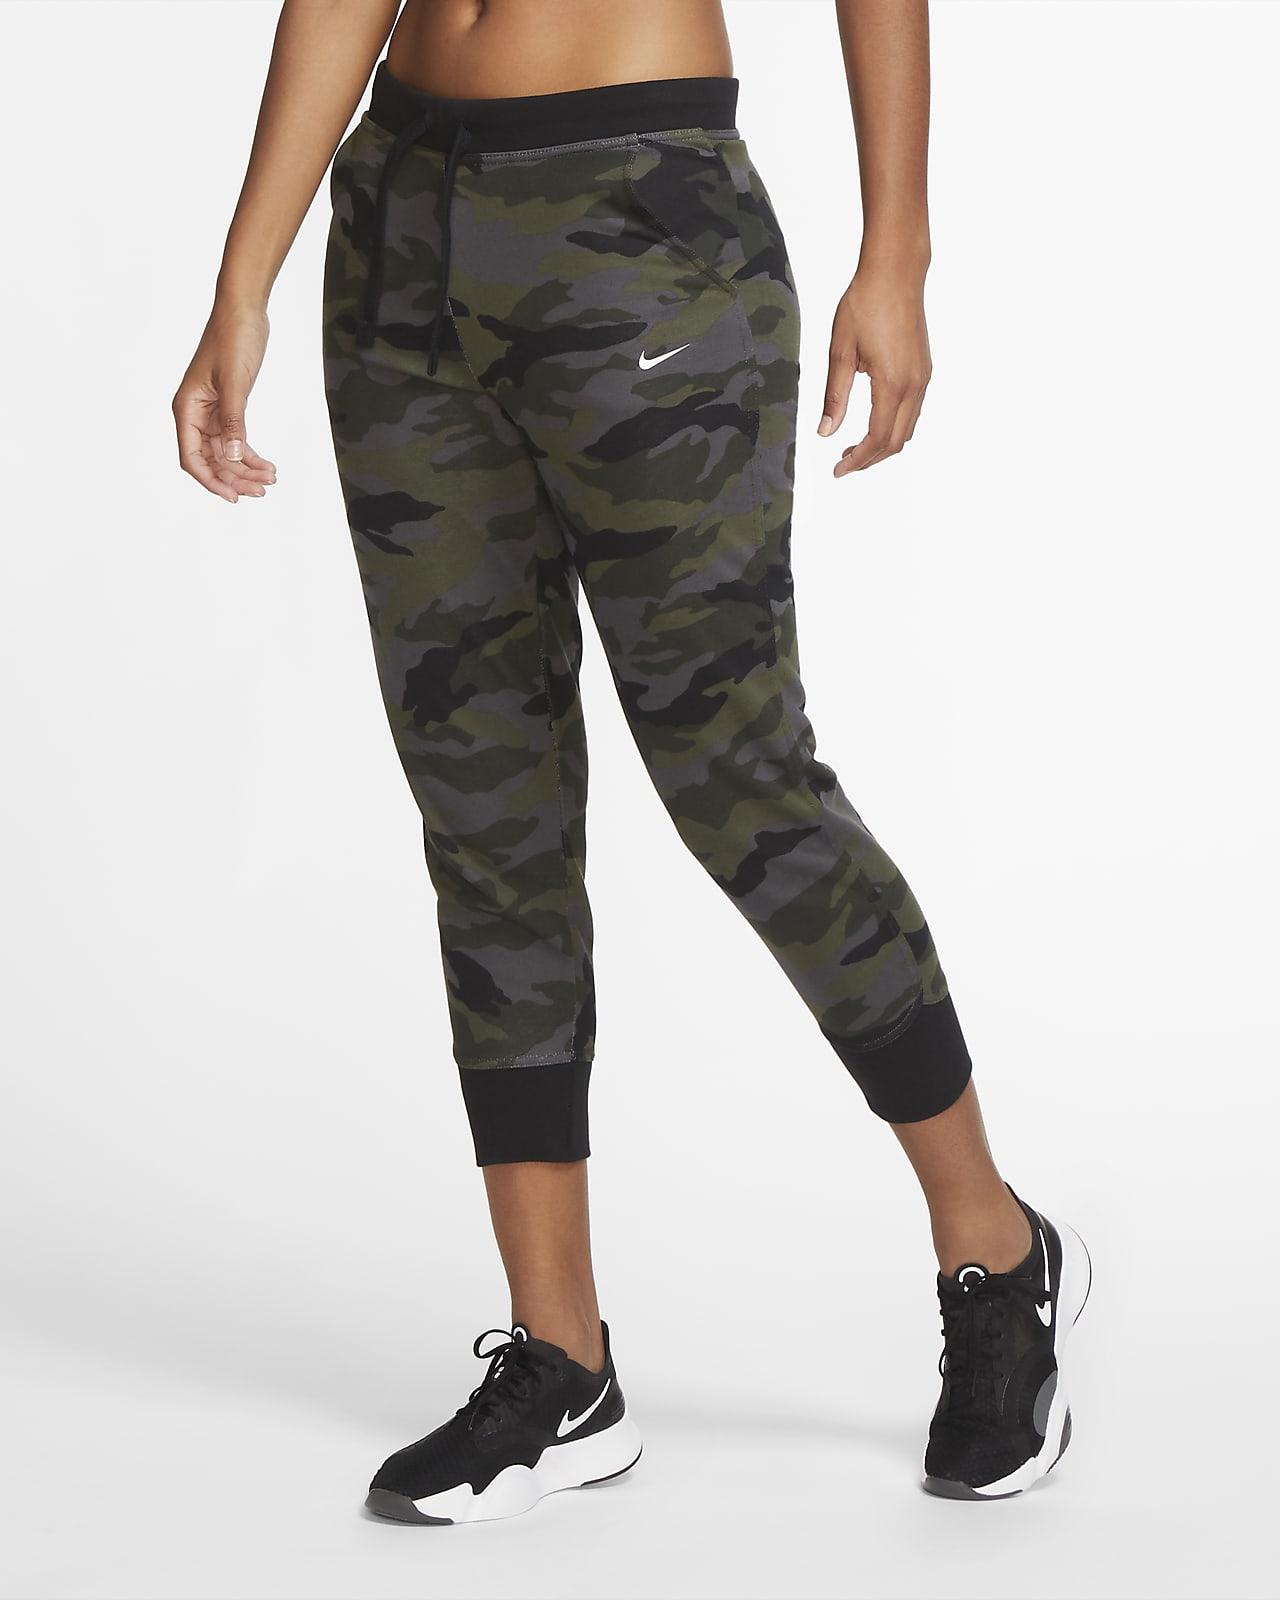 Pantalon de training camouflage 7/8 Nike Dri-FIT Get Fit pour Femme